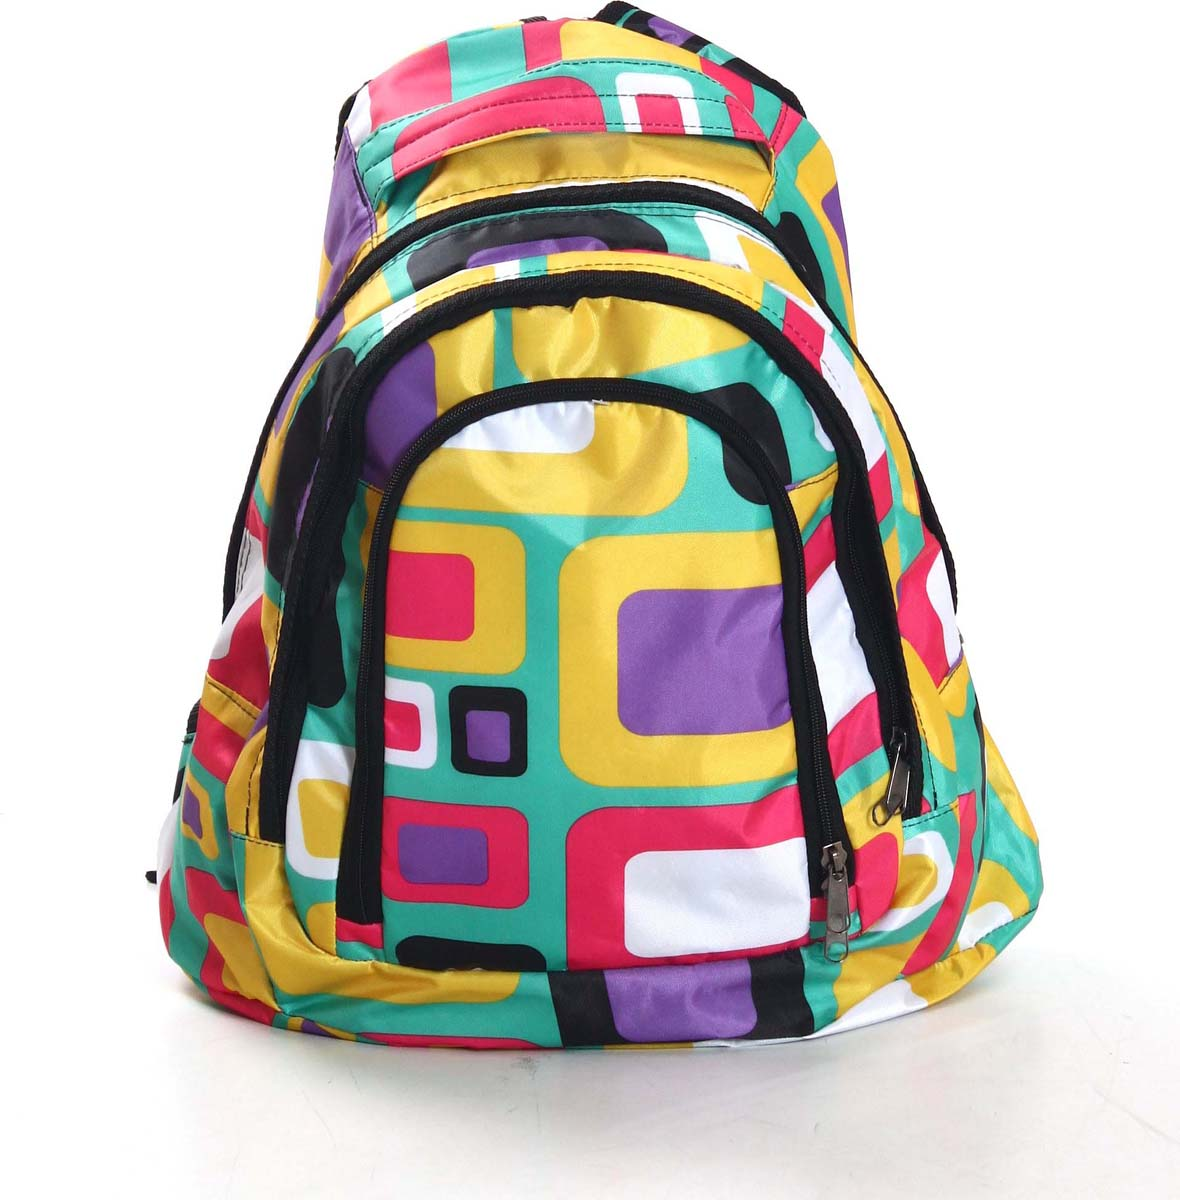 Рюкзак городской Графика, цвет: желтый, 25 л251 графикаМолодежный рюкзак среднего размера. Стильный дизайн и хорошее качество. Рюкзак имеет два больших отделения на молнии и одно маленькое, так же на молнии. Есть удобная ручка для переноски.